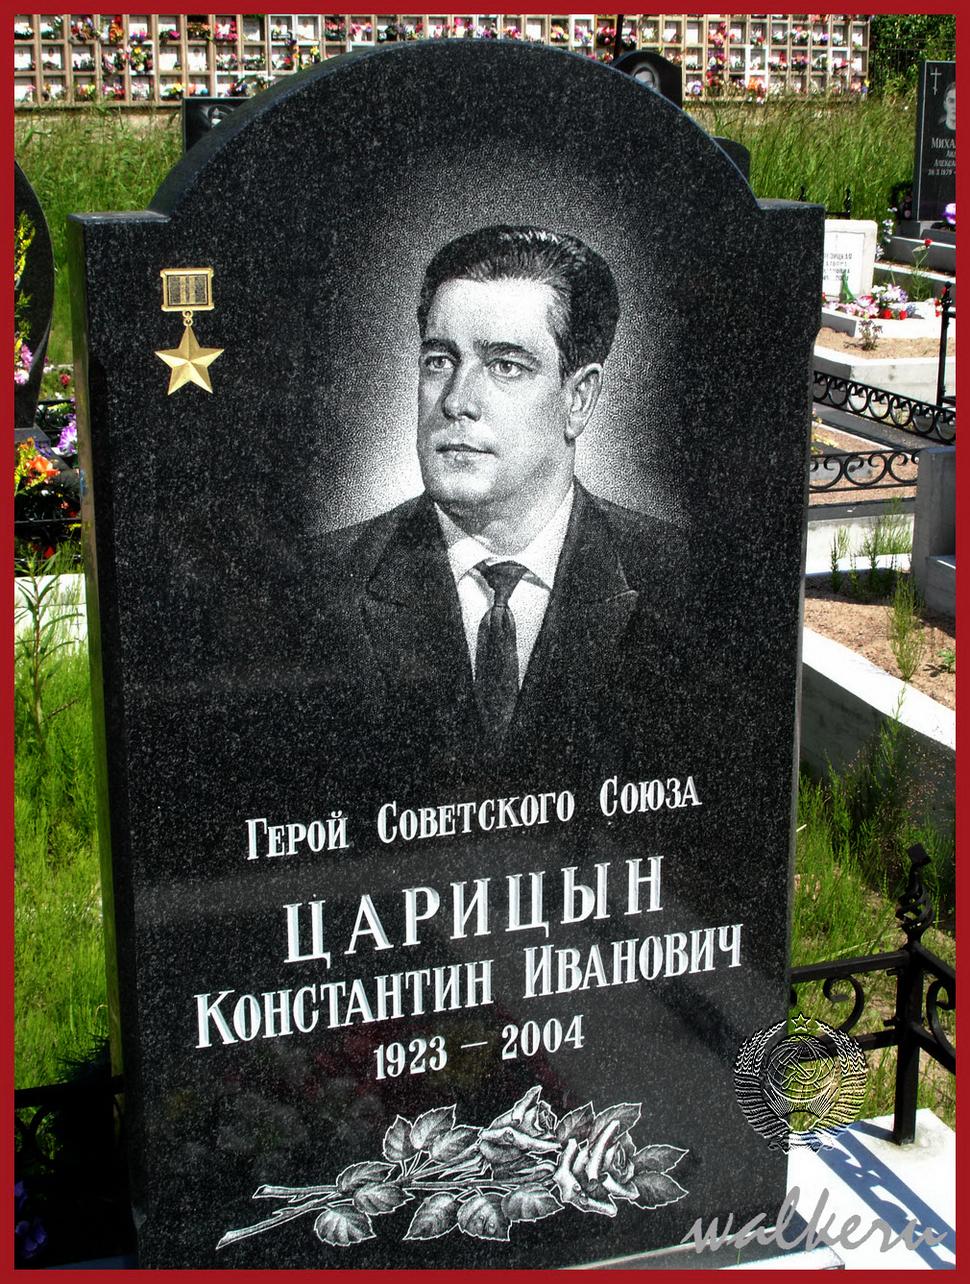 Могила Царицын К.И. на Киновиевское кладбище